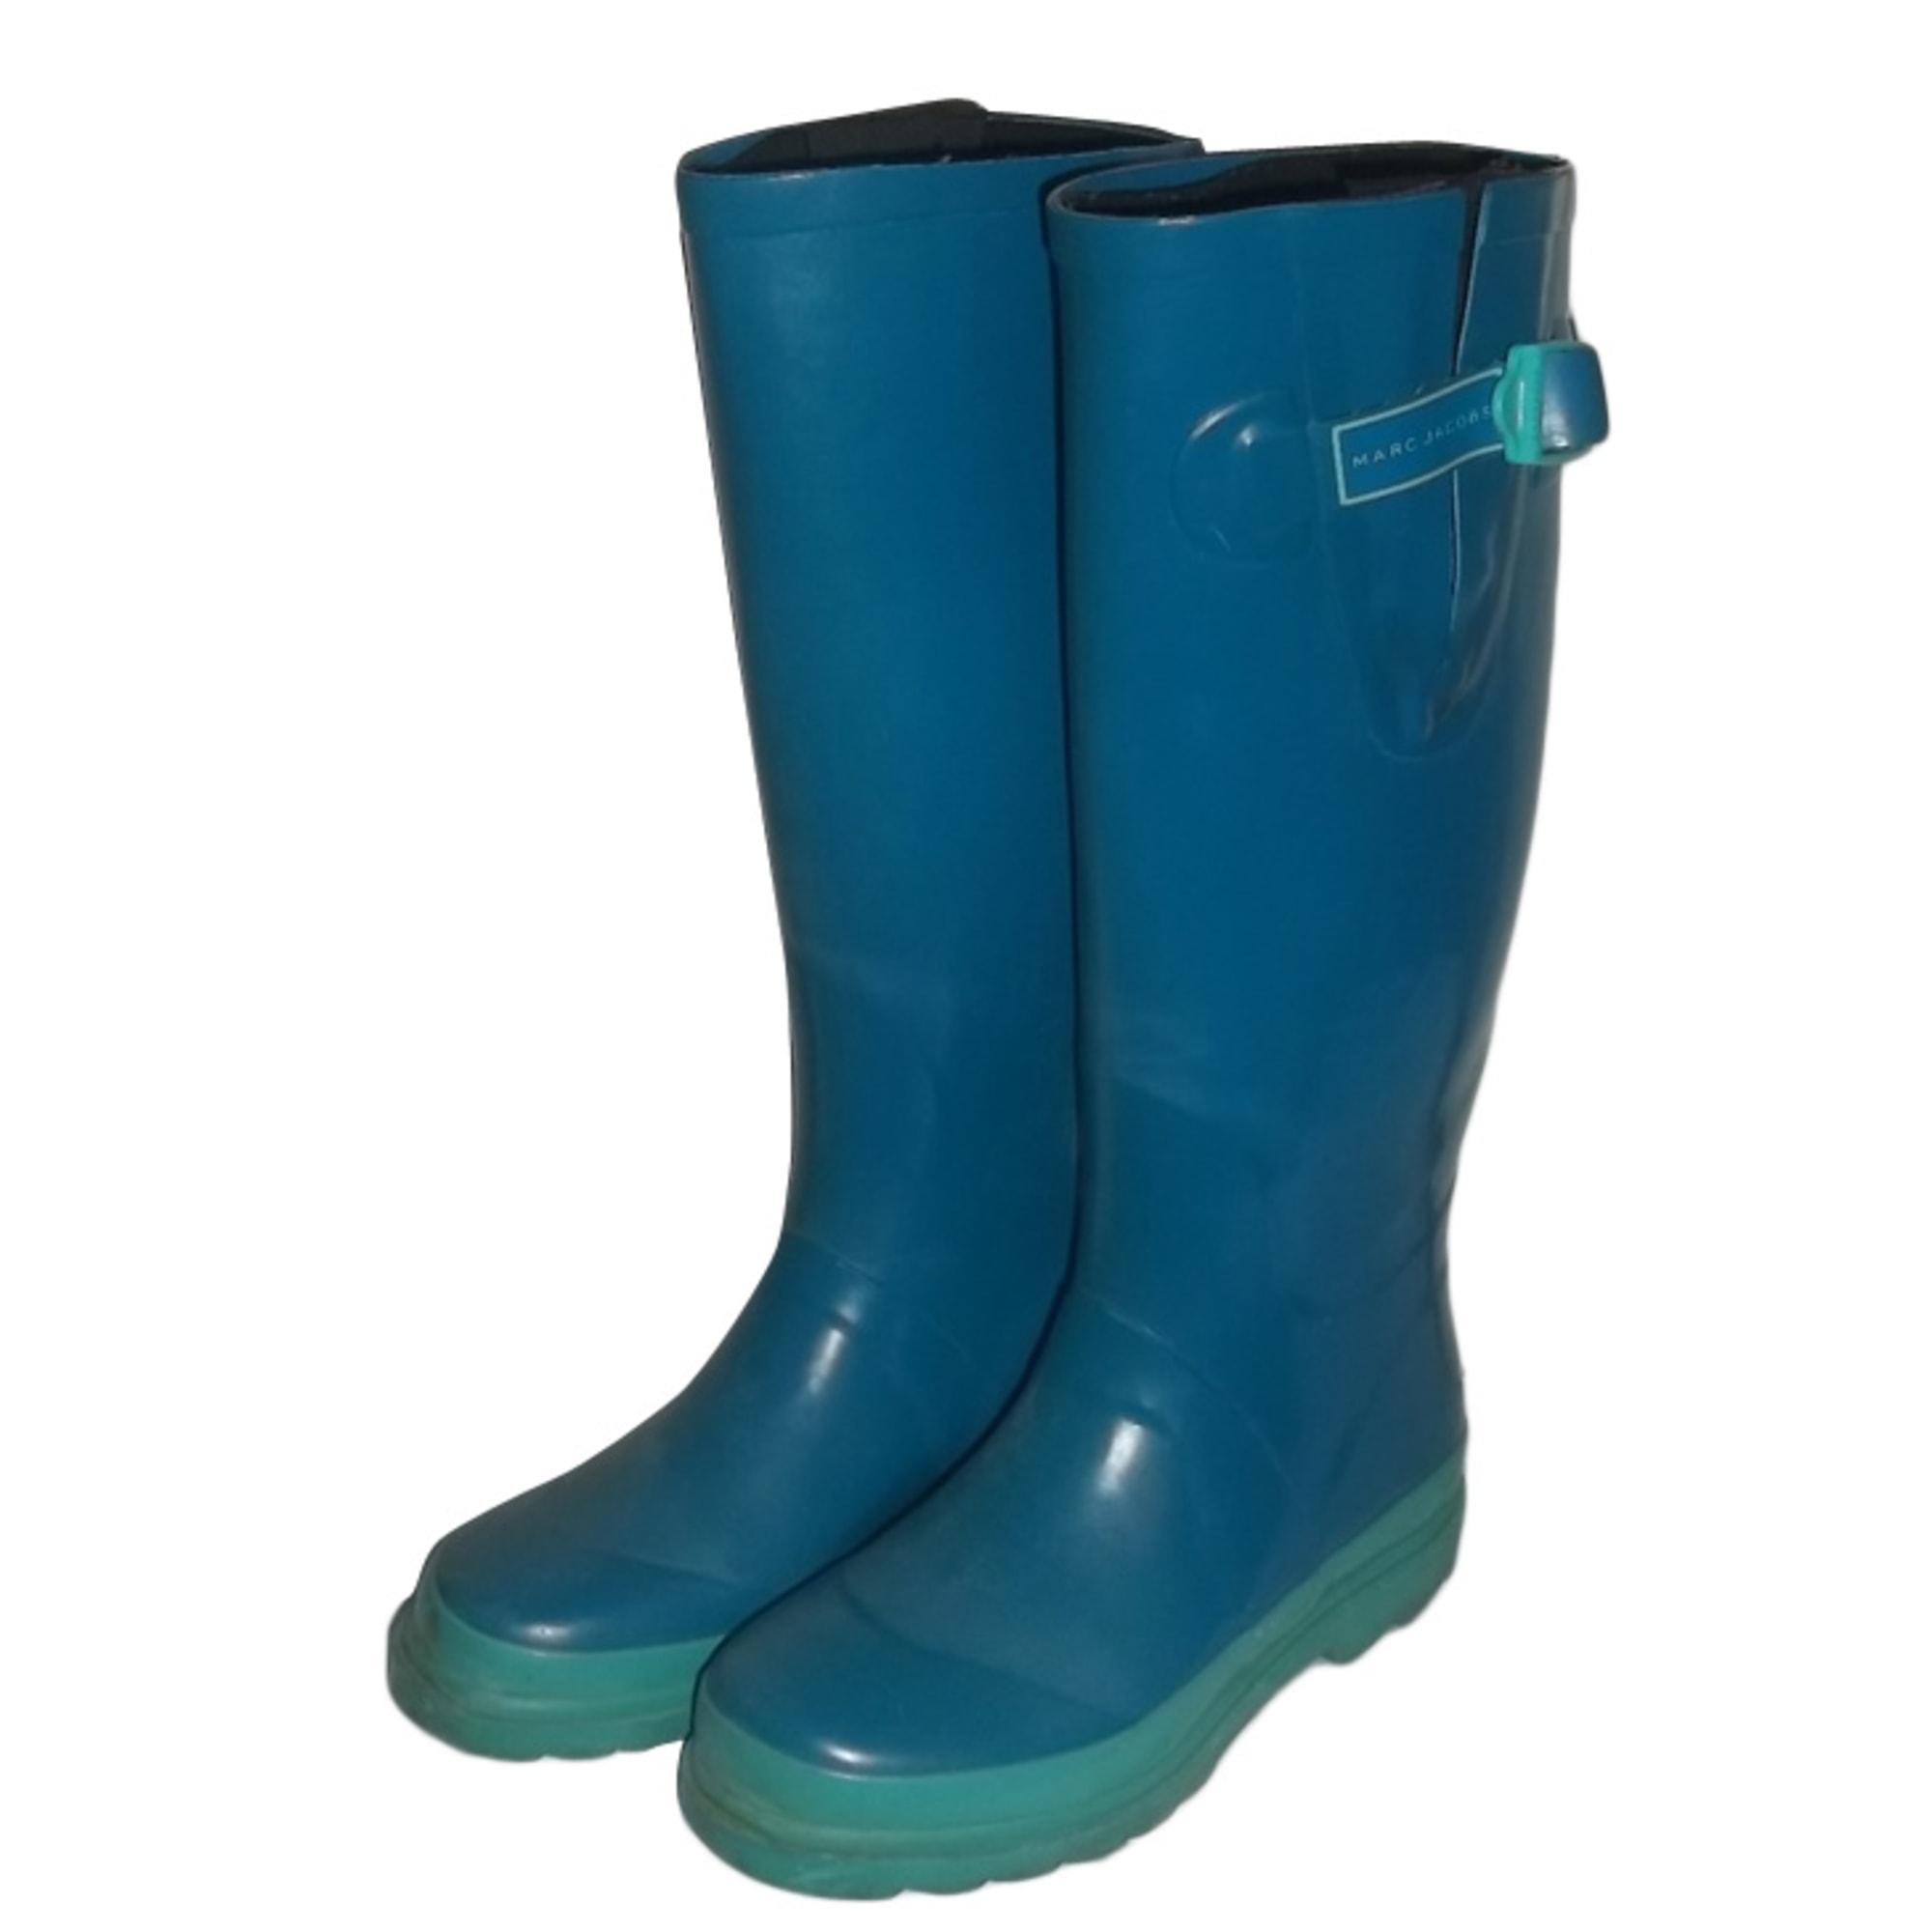 Bottes de pluie MARC JACOBS caoutchouc bleu 35